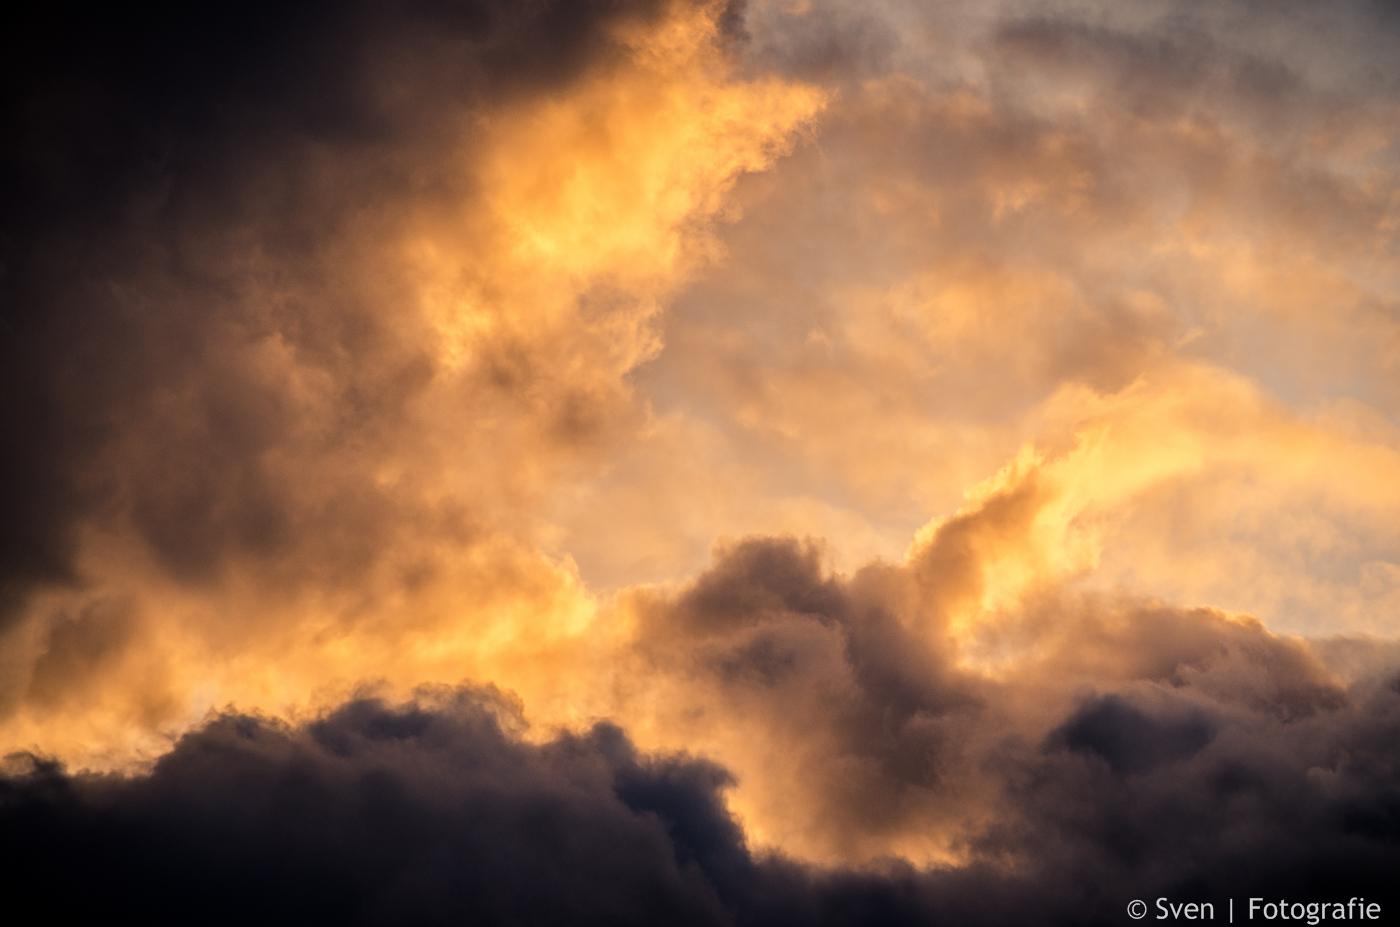 sven, fida, op reis, samen, azie, travel, together, wolken, 2014, fotografie, wildschut, aan de muur, werk,